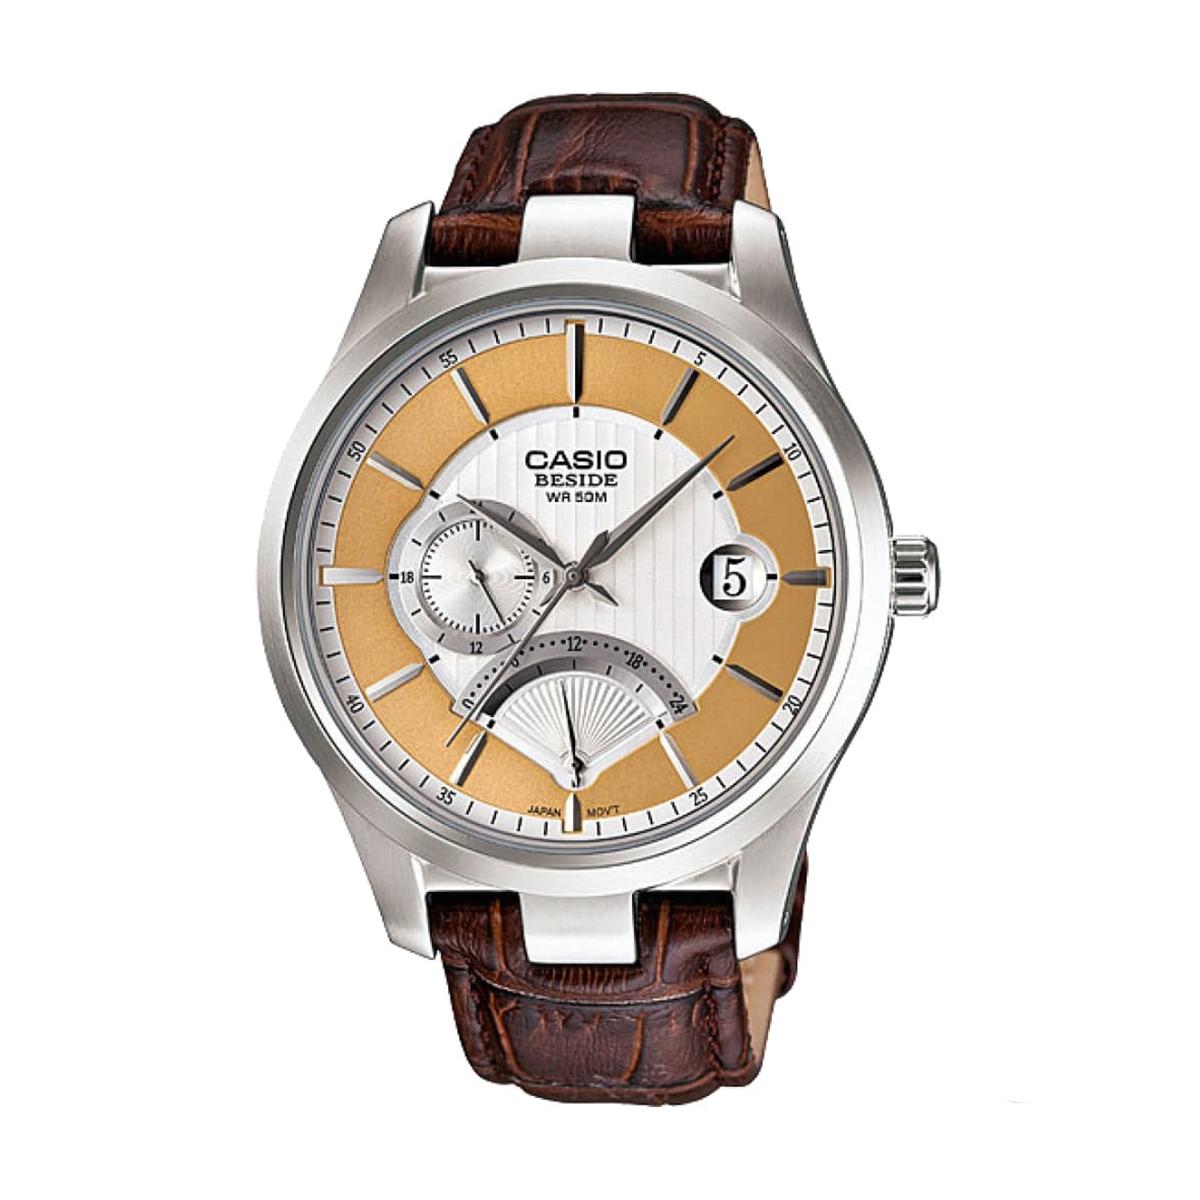 Часовник Casio BEM-308L-7AV